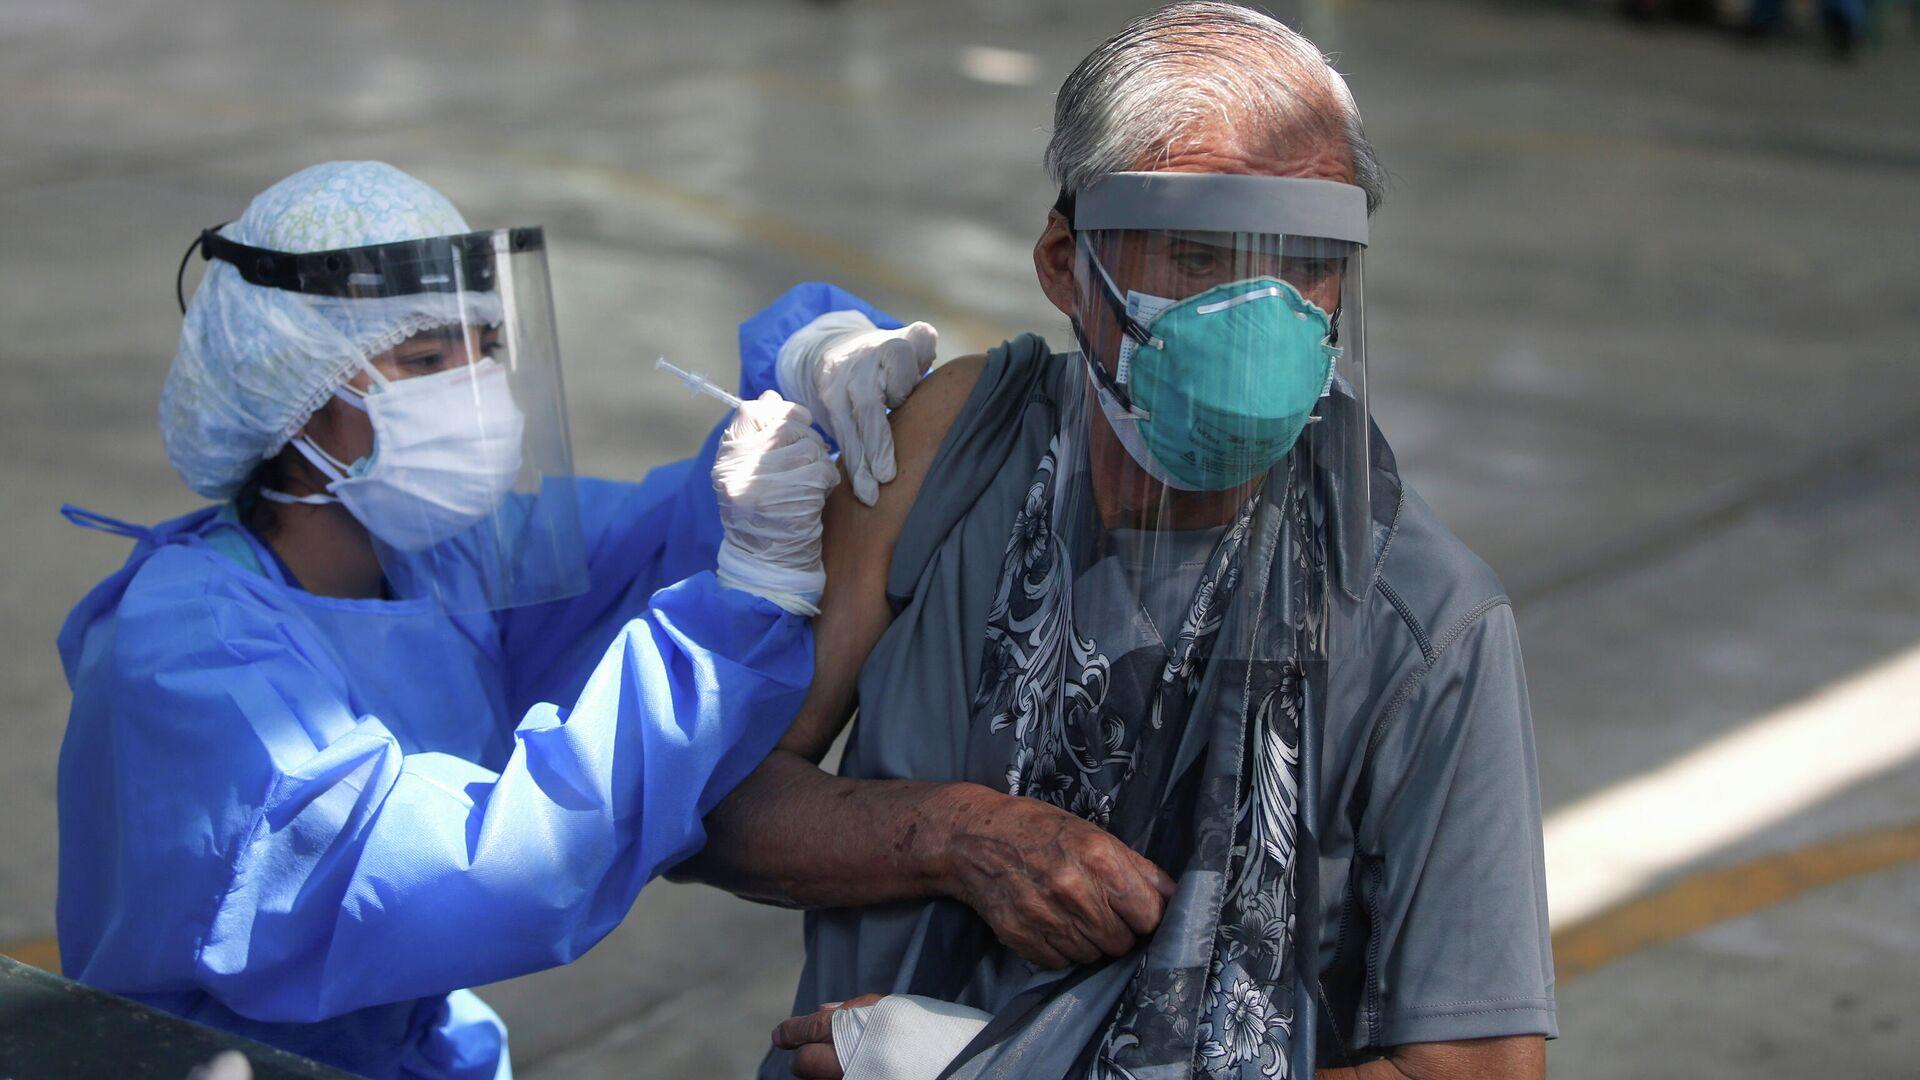 Vacunación en Perú - Sputnik Mundo, 1920, 29.03.2021